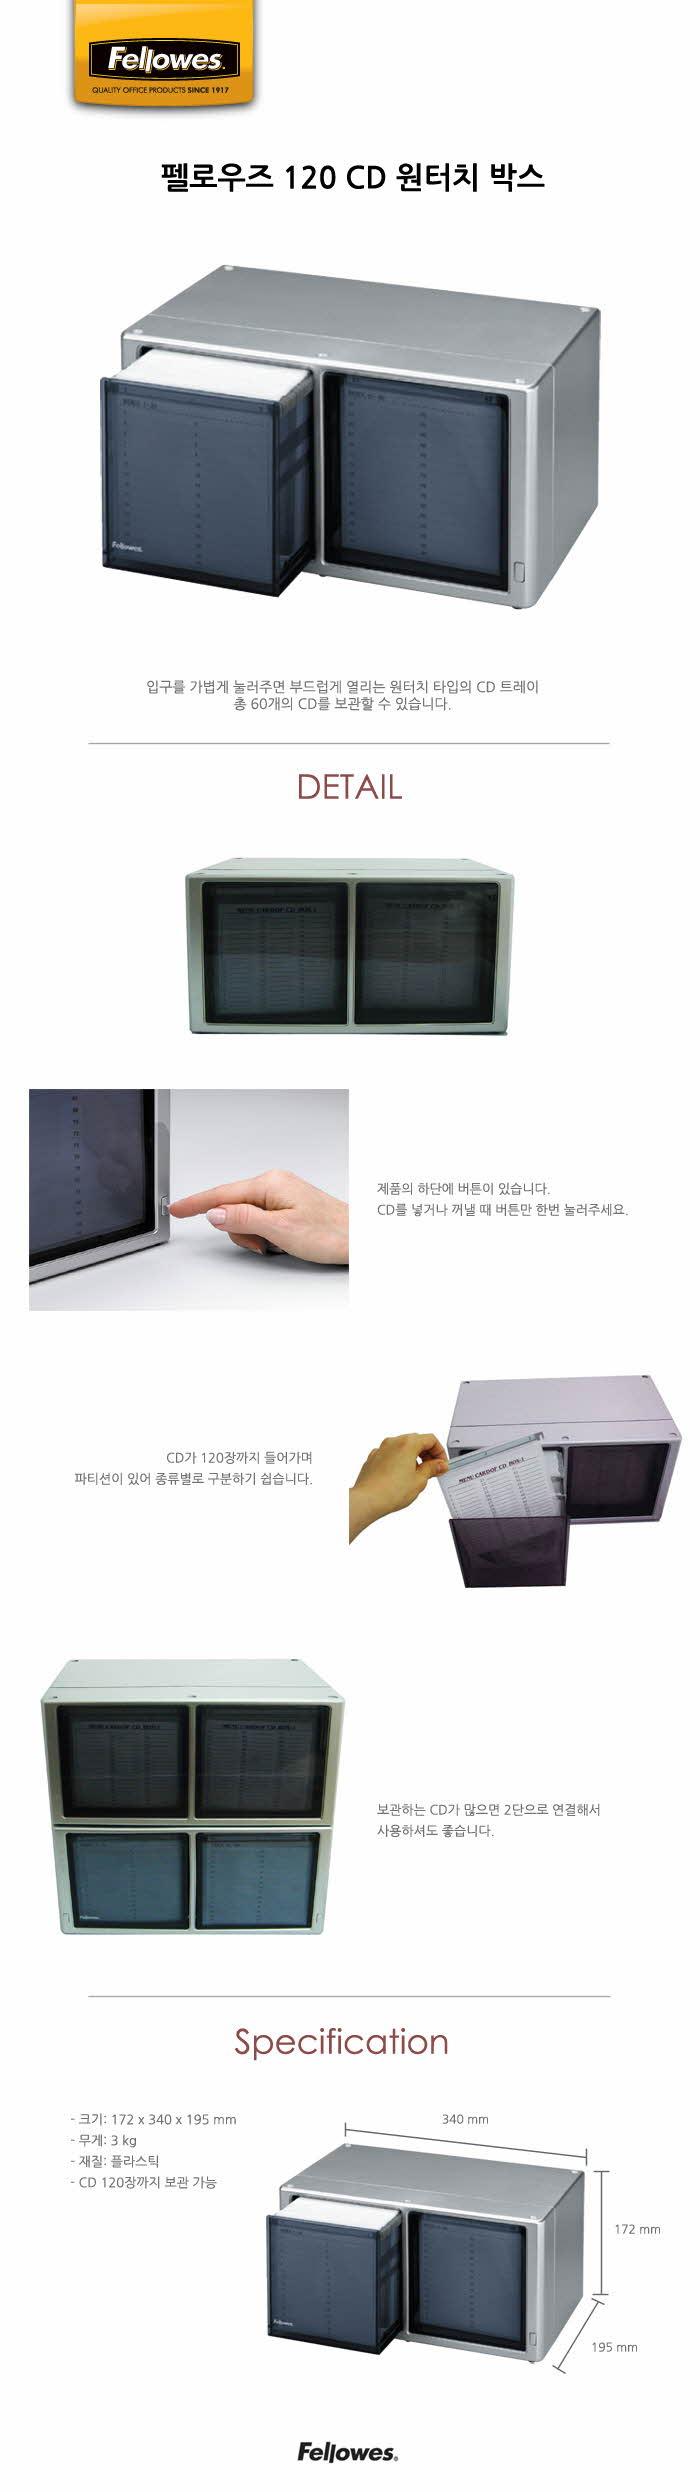 펠로우즈 원터치 CD박스 보관함 90684 - 펠로우즈, 57,100원, 문서/서류 정리, 파일/책꽂이